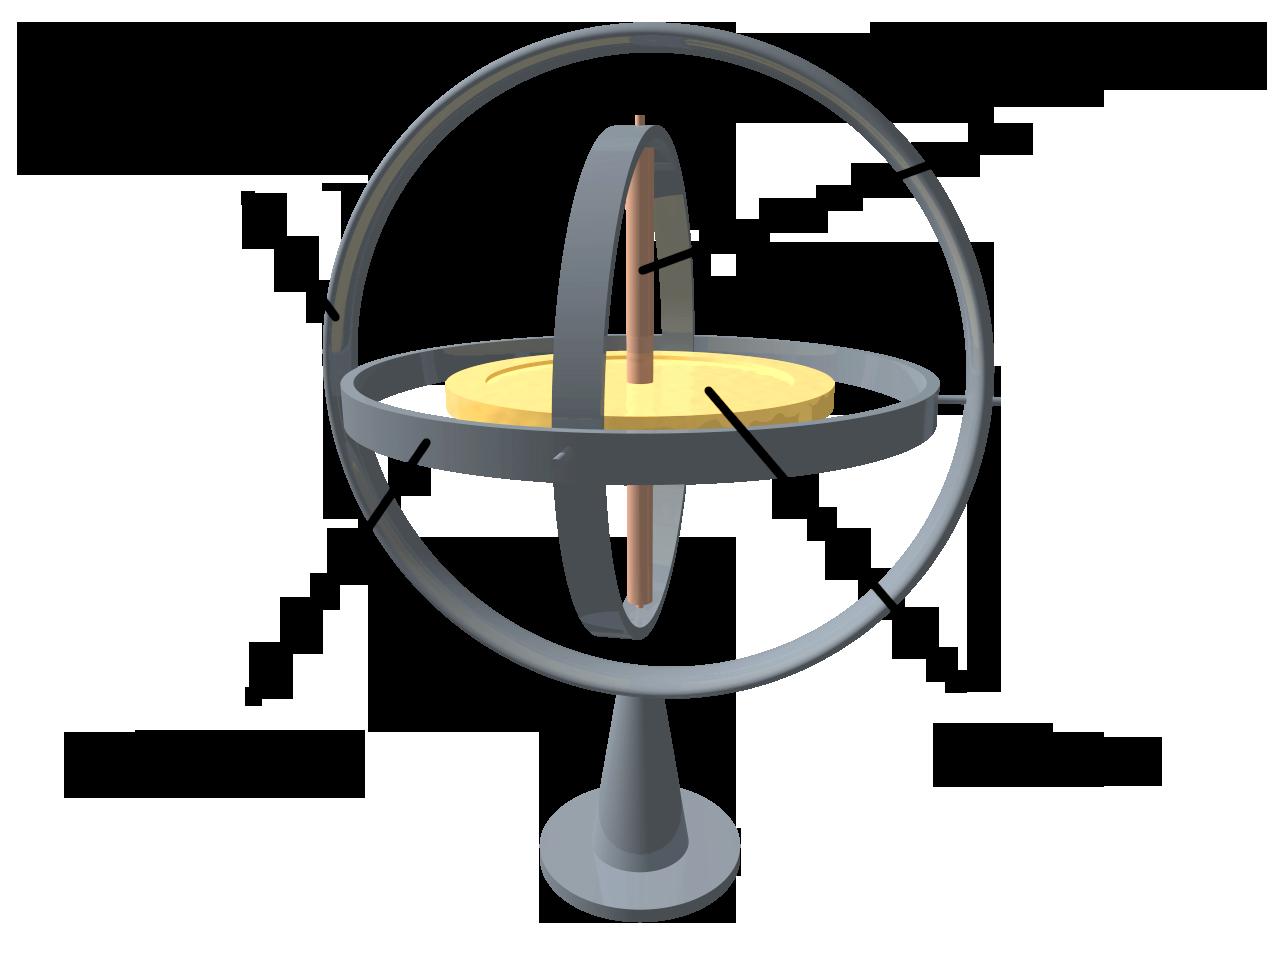 حل مشكلة الجيروسكوب في كول اوف ديوتي (Gyroscope Not Working)